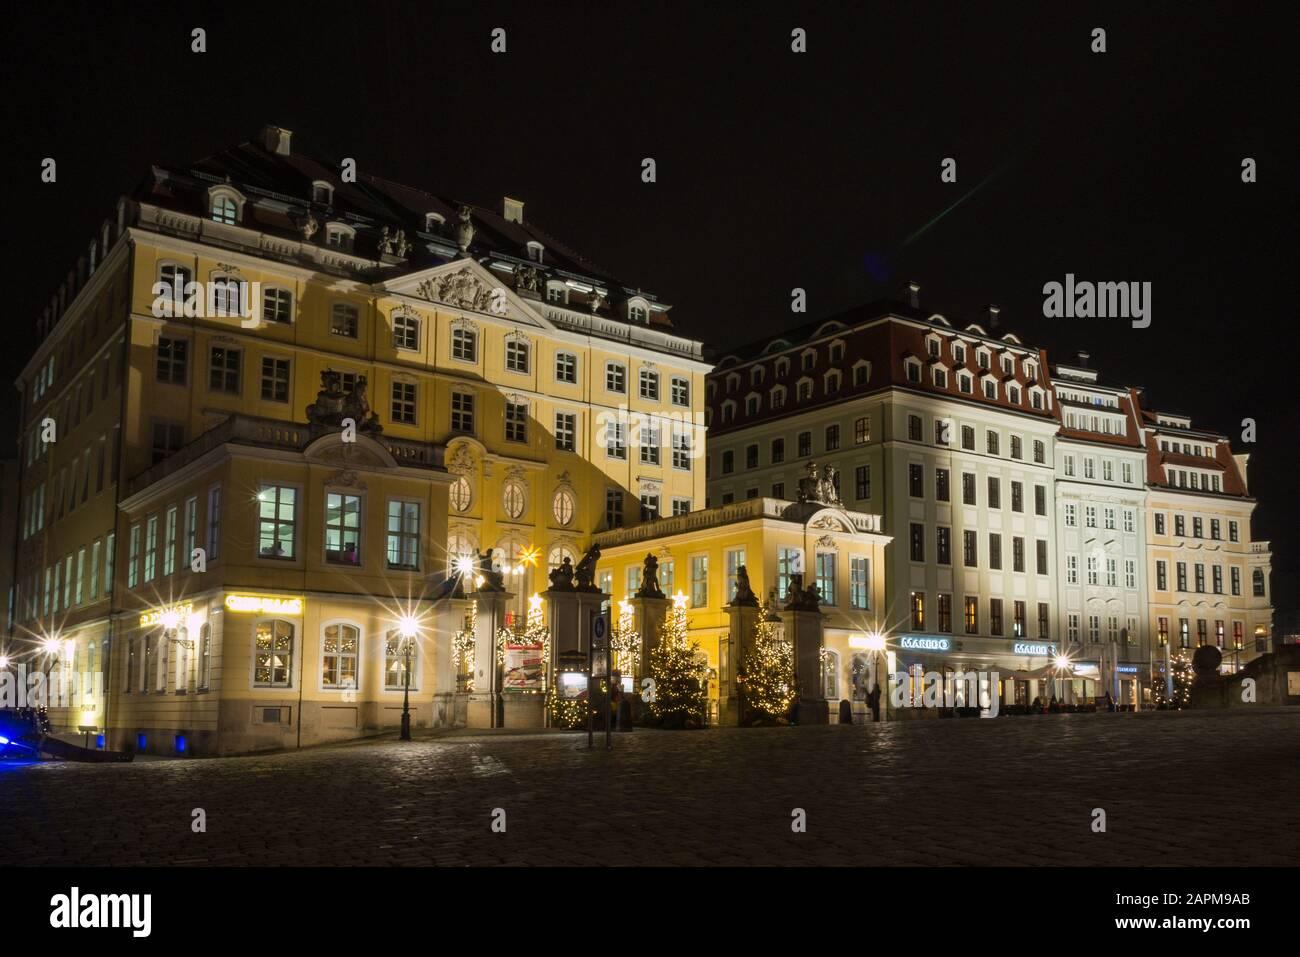 Coselpalais neben der Frauenkirche bei Nacht mit schöner Beleuchtung und angrenzende rekonstruierte Gebäude im barocken Stil am dresdner Neumarkt Stock Photo